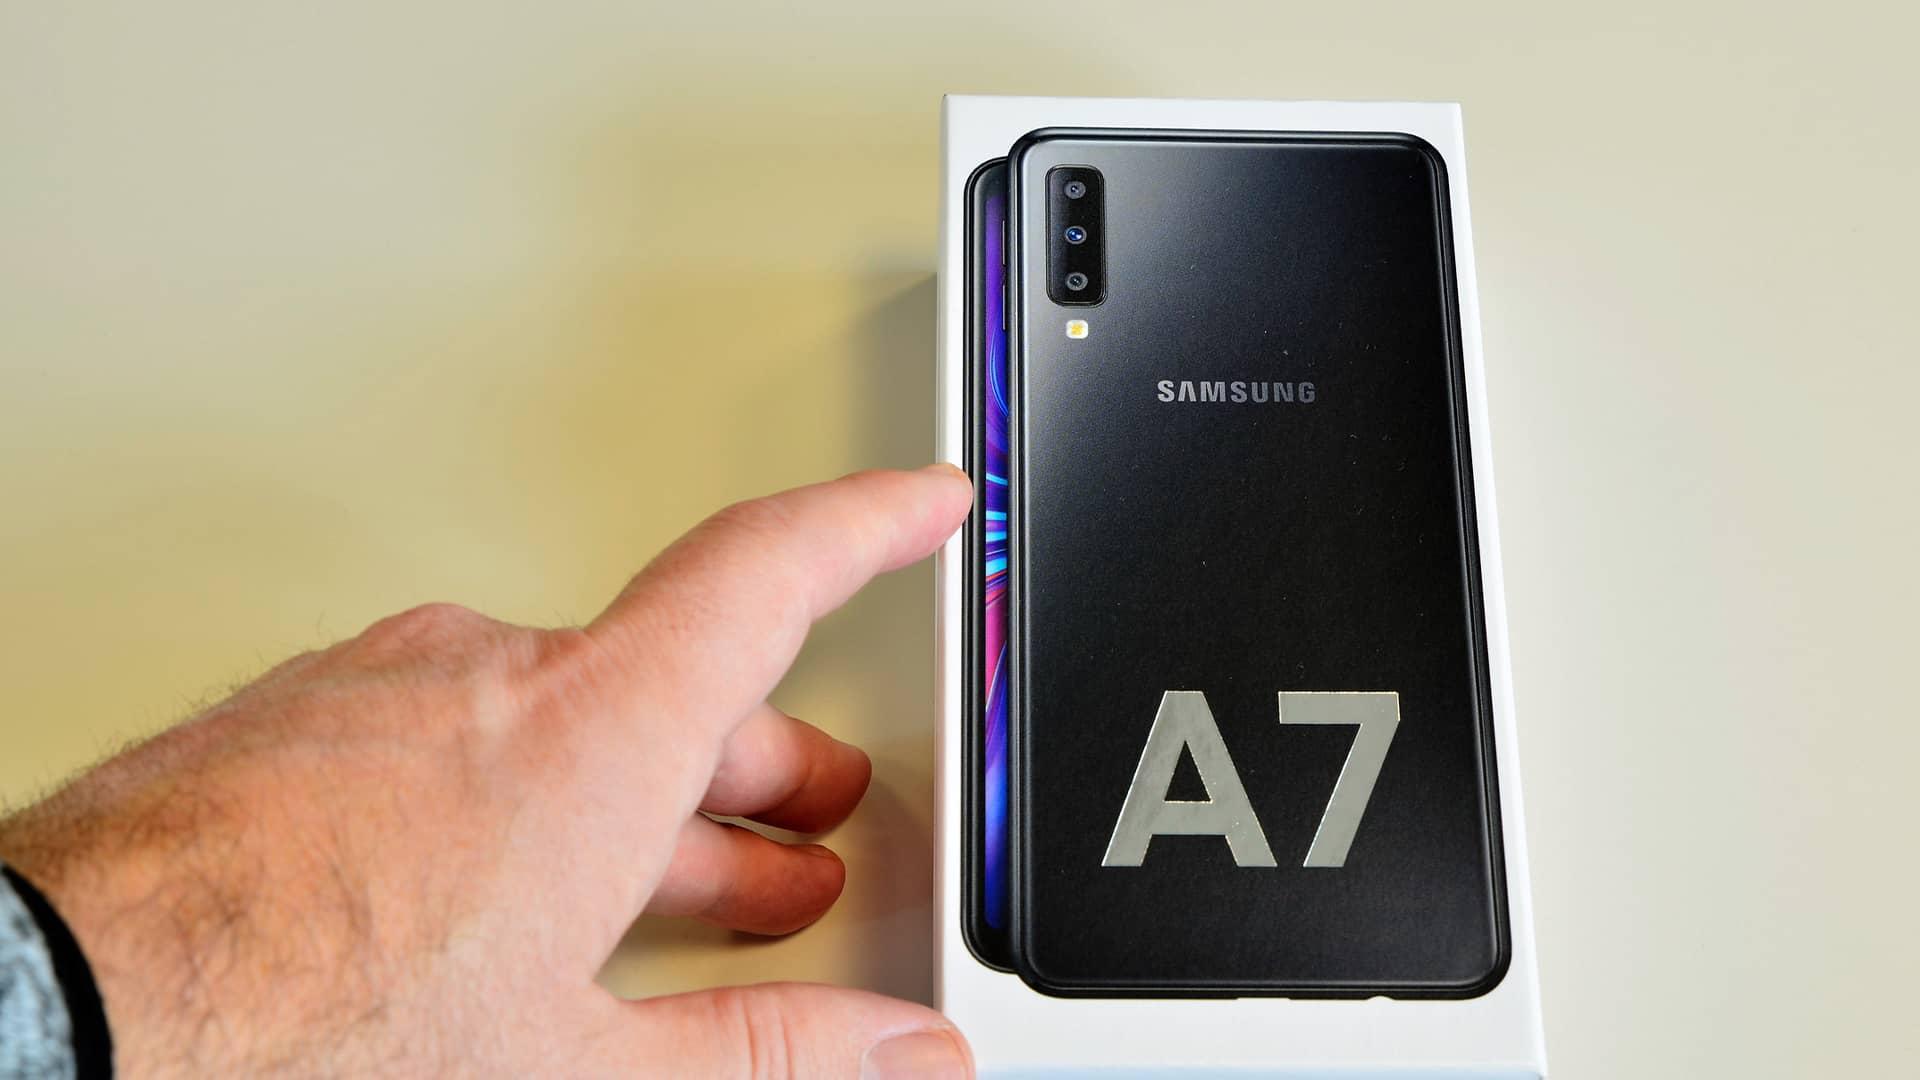 ¿Vende Vodafone el Samsung Galaxy A7? Precios y alternativas